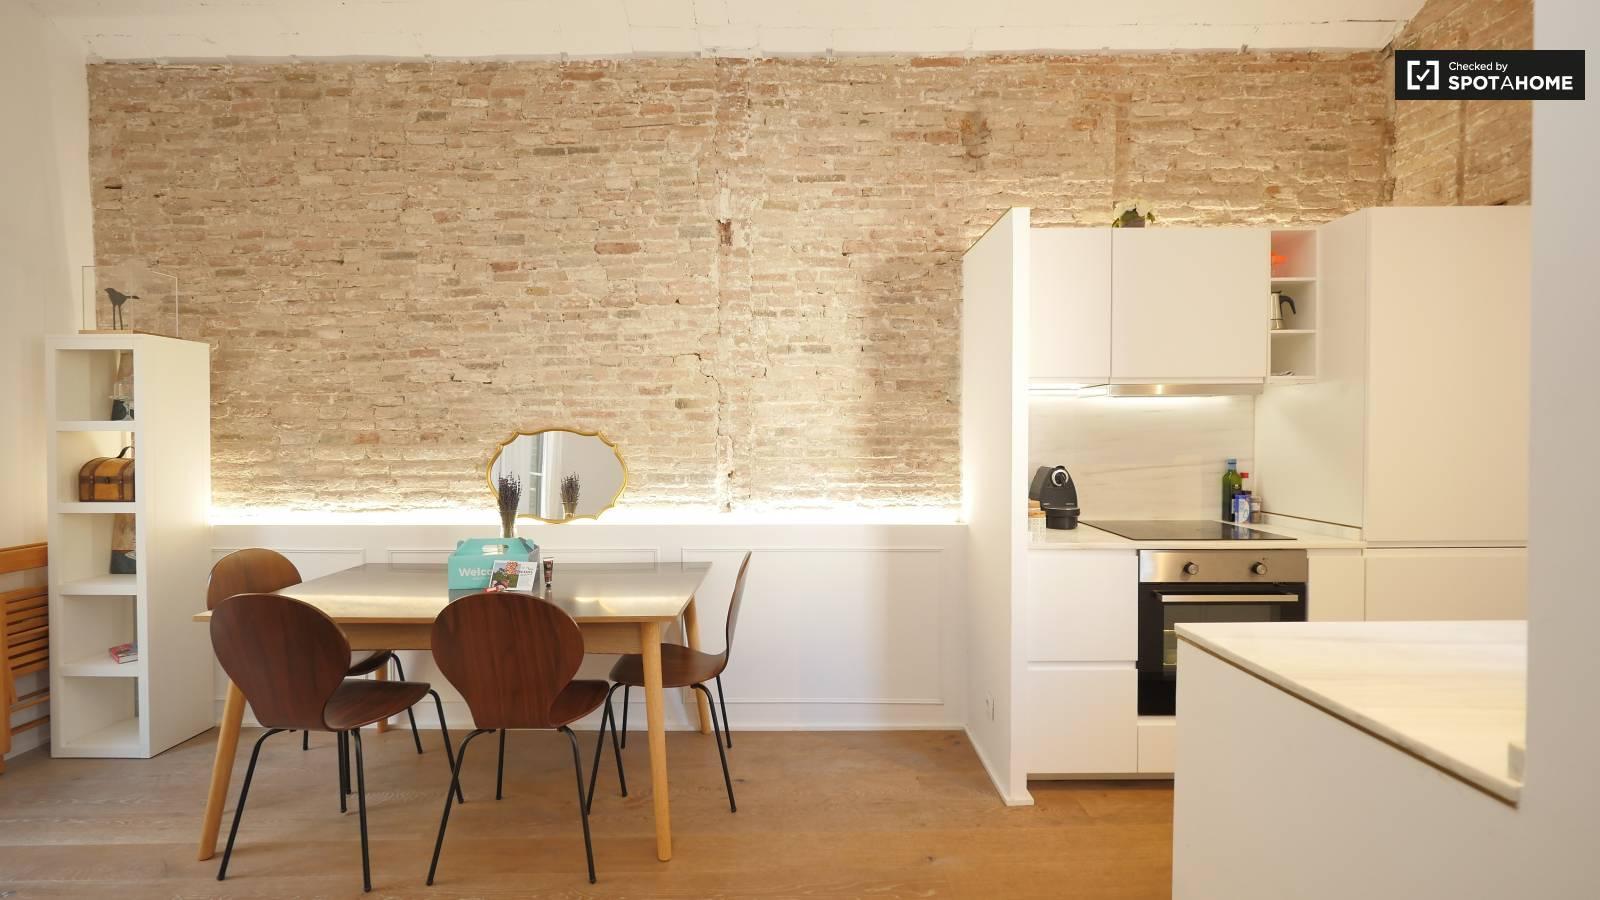 Sala de estar/cocina moderna y espaciosa